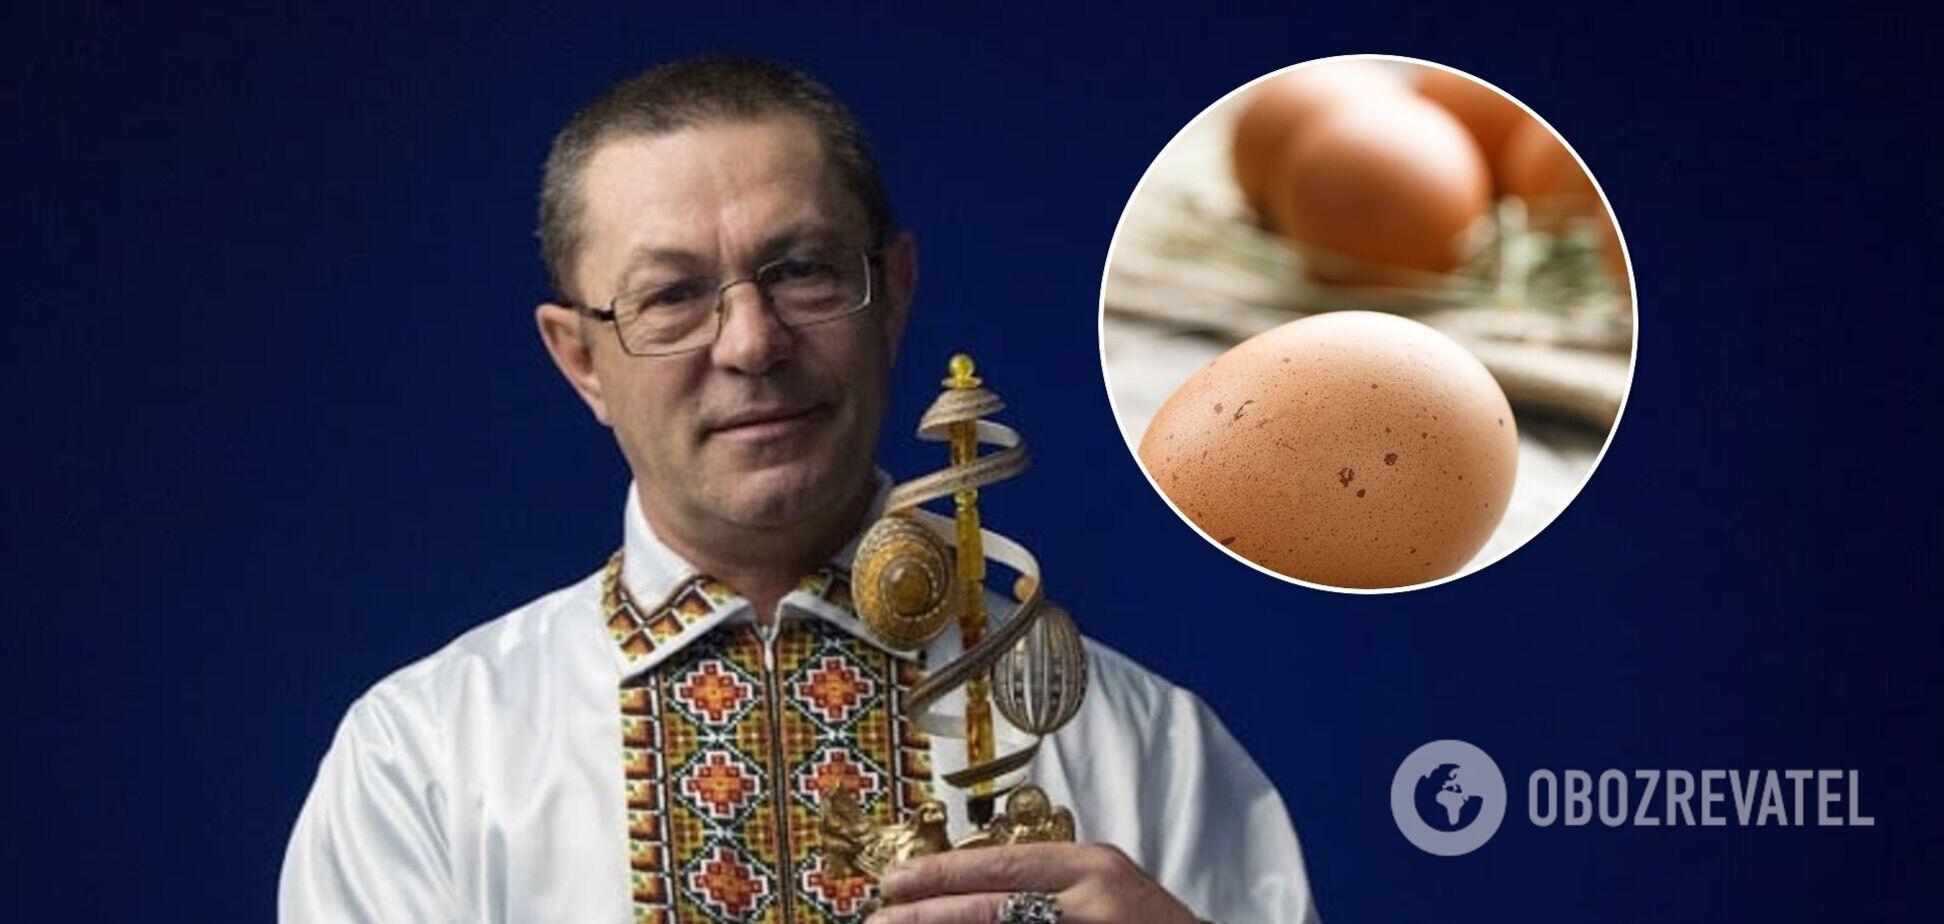 Українець зробив у яйці більше 52 тисяч отворів і встановив два світові рекорди. Вражаючі фото